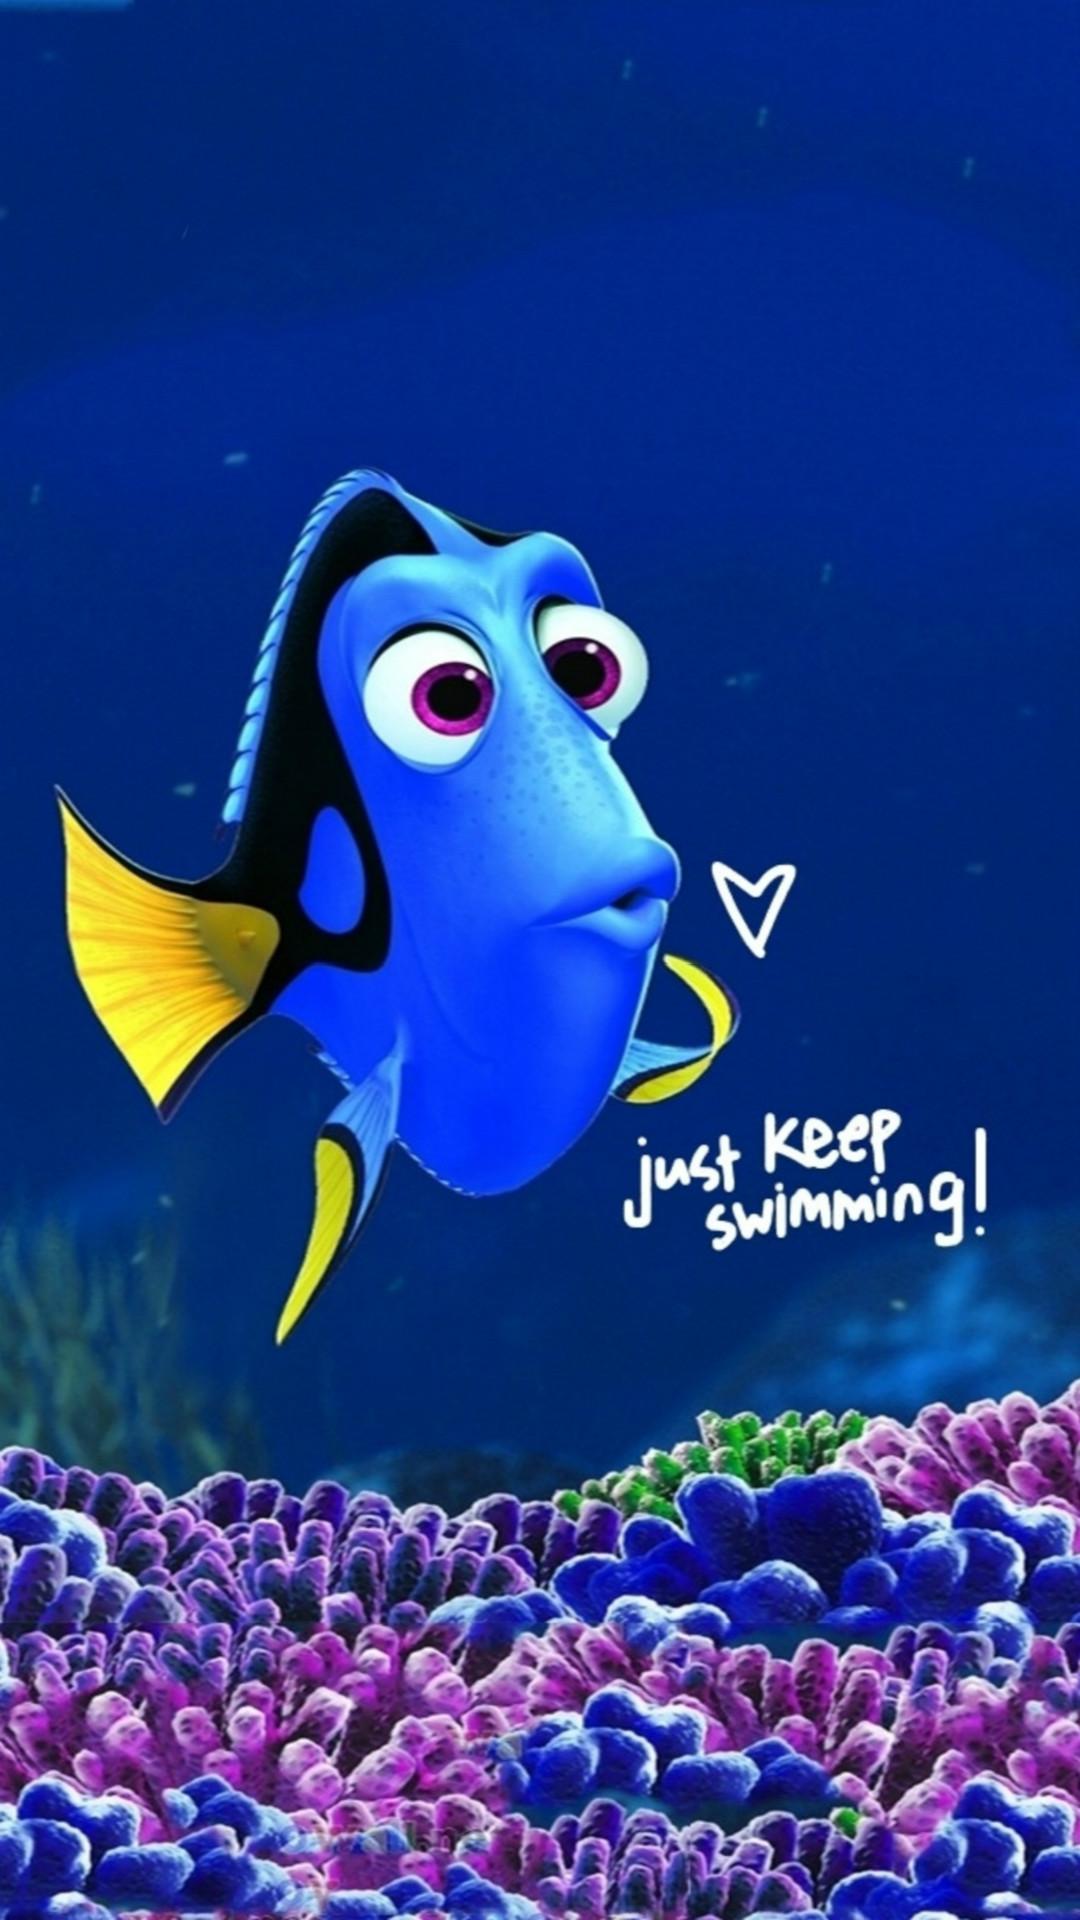 Just Keep Swimming Clownfish Art Drawn iPhone 6 wallpaper